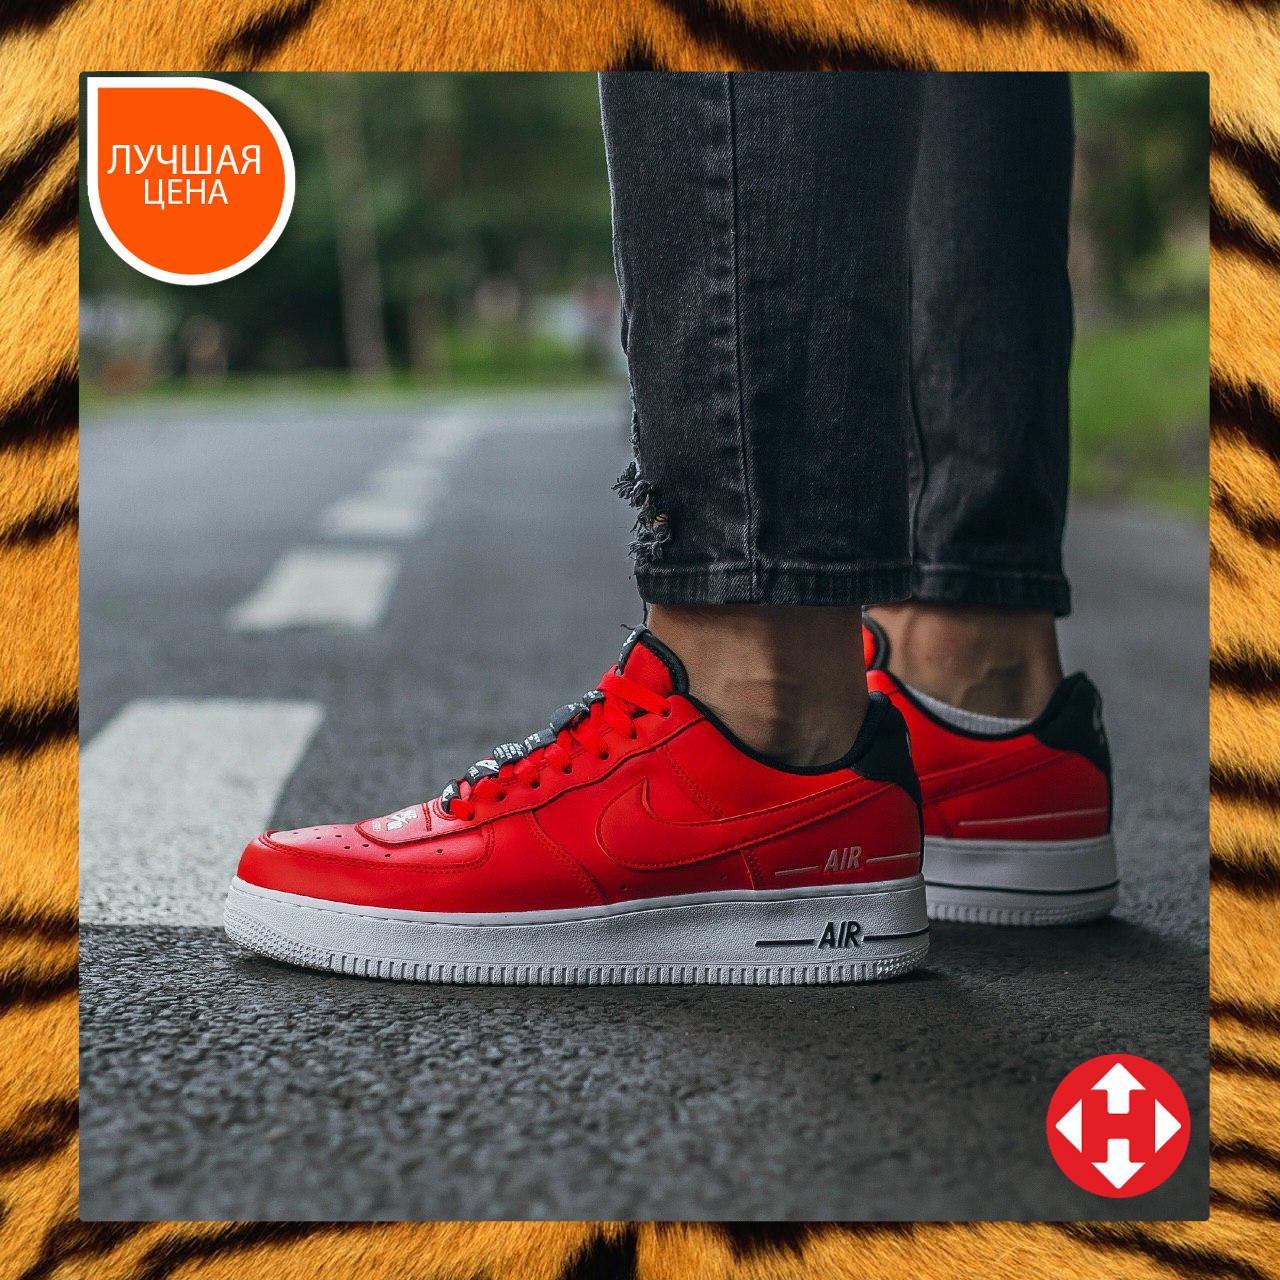 🔥 Мужские кроссовки спортивные повседневные Nike Air Force 1 Just Do It Red найк эир форс красные